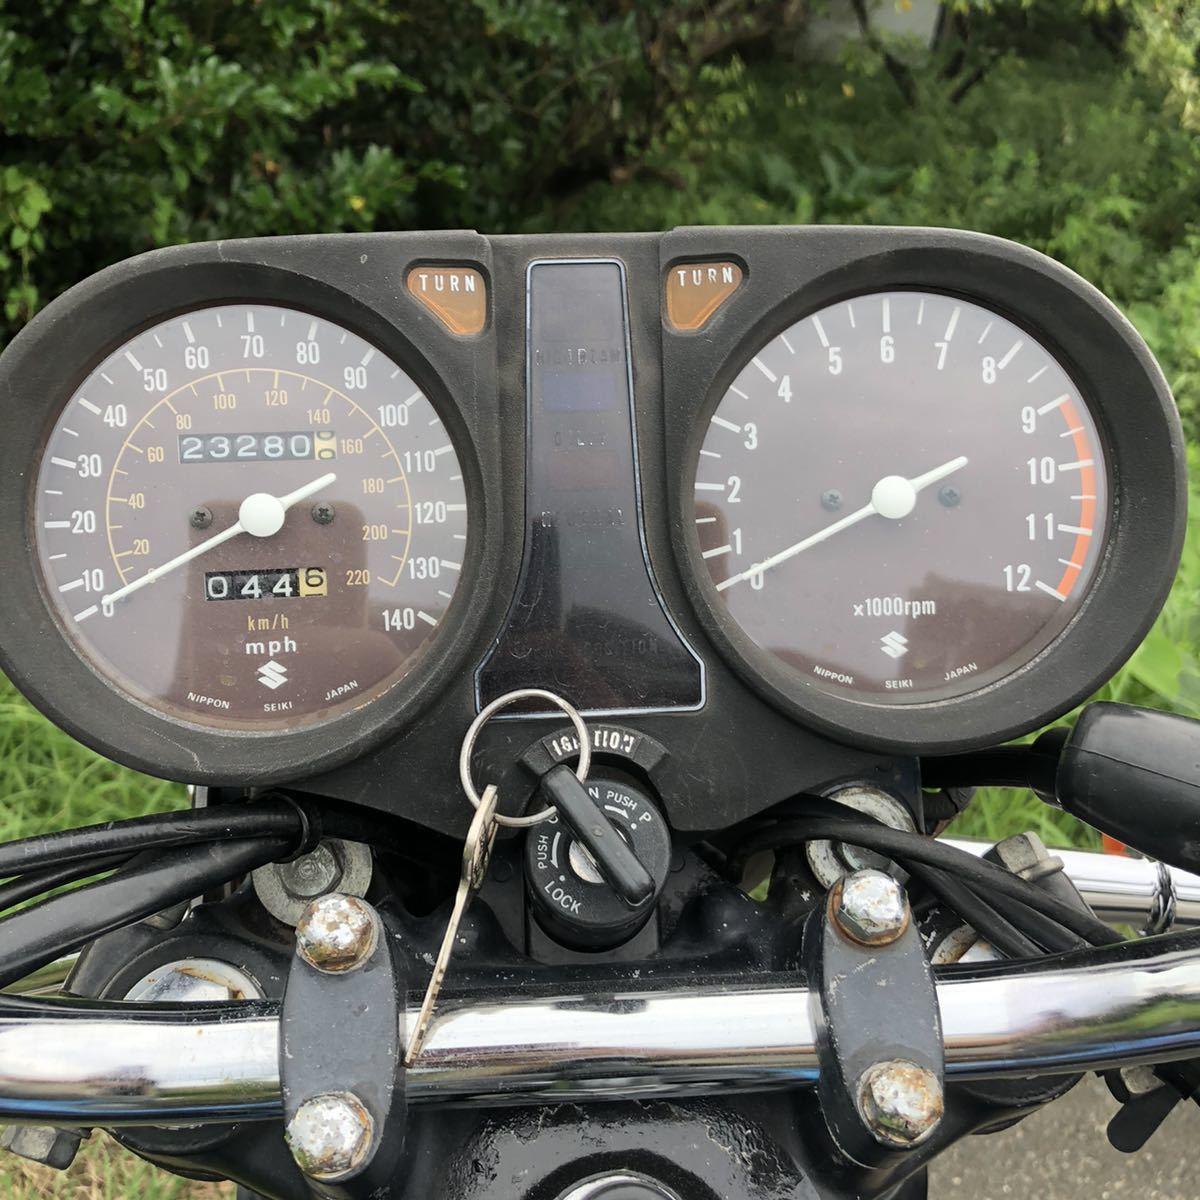 「GS750E ② 現状販売 ベース車両 並行輸入 SUZUKI Z1R Z1 Z2 Z1000 Z900 KZ1000 LTD CB FX MKⅡ GT GS1000 GSX」の画像3